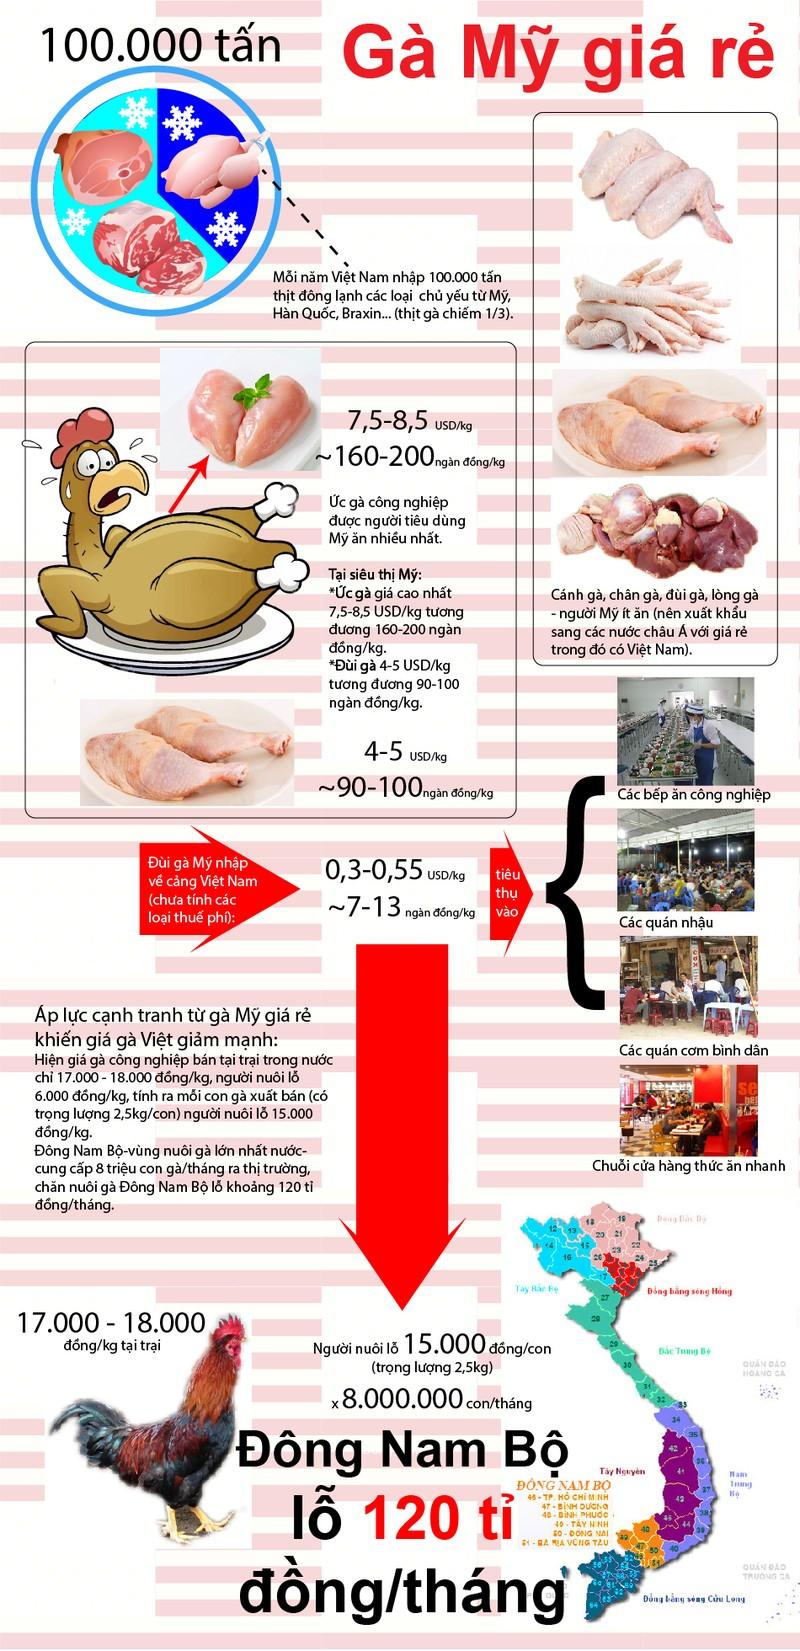 Truy tìm giám đốc nhập đùi gà Mỹ siêu rẻ… 2.000 đồng/kg - ảnh 1